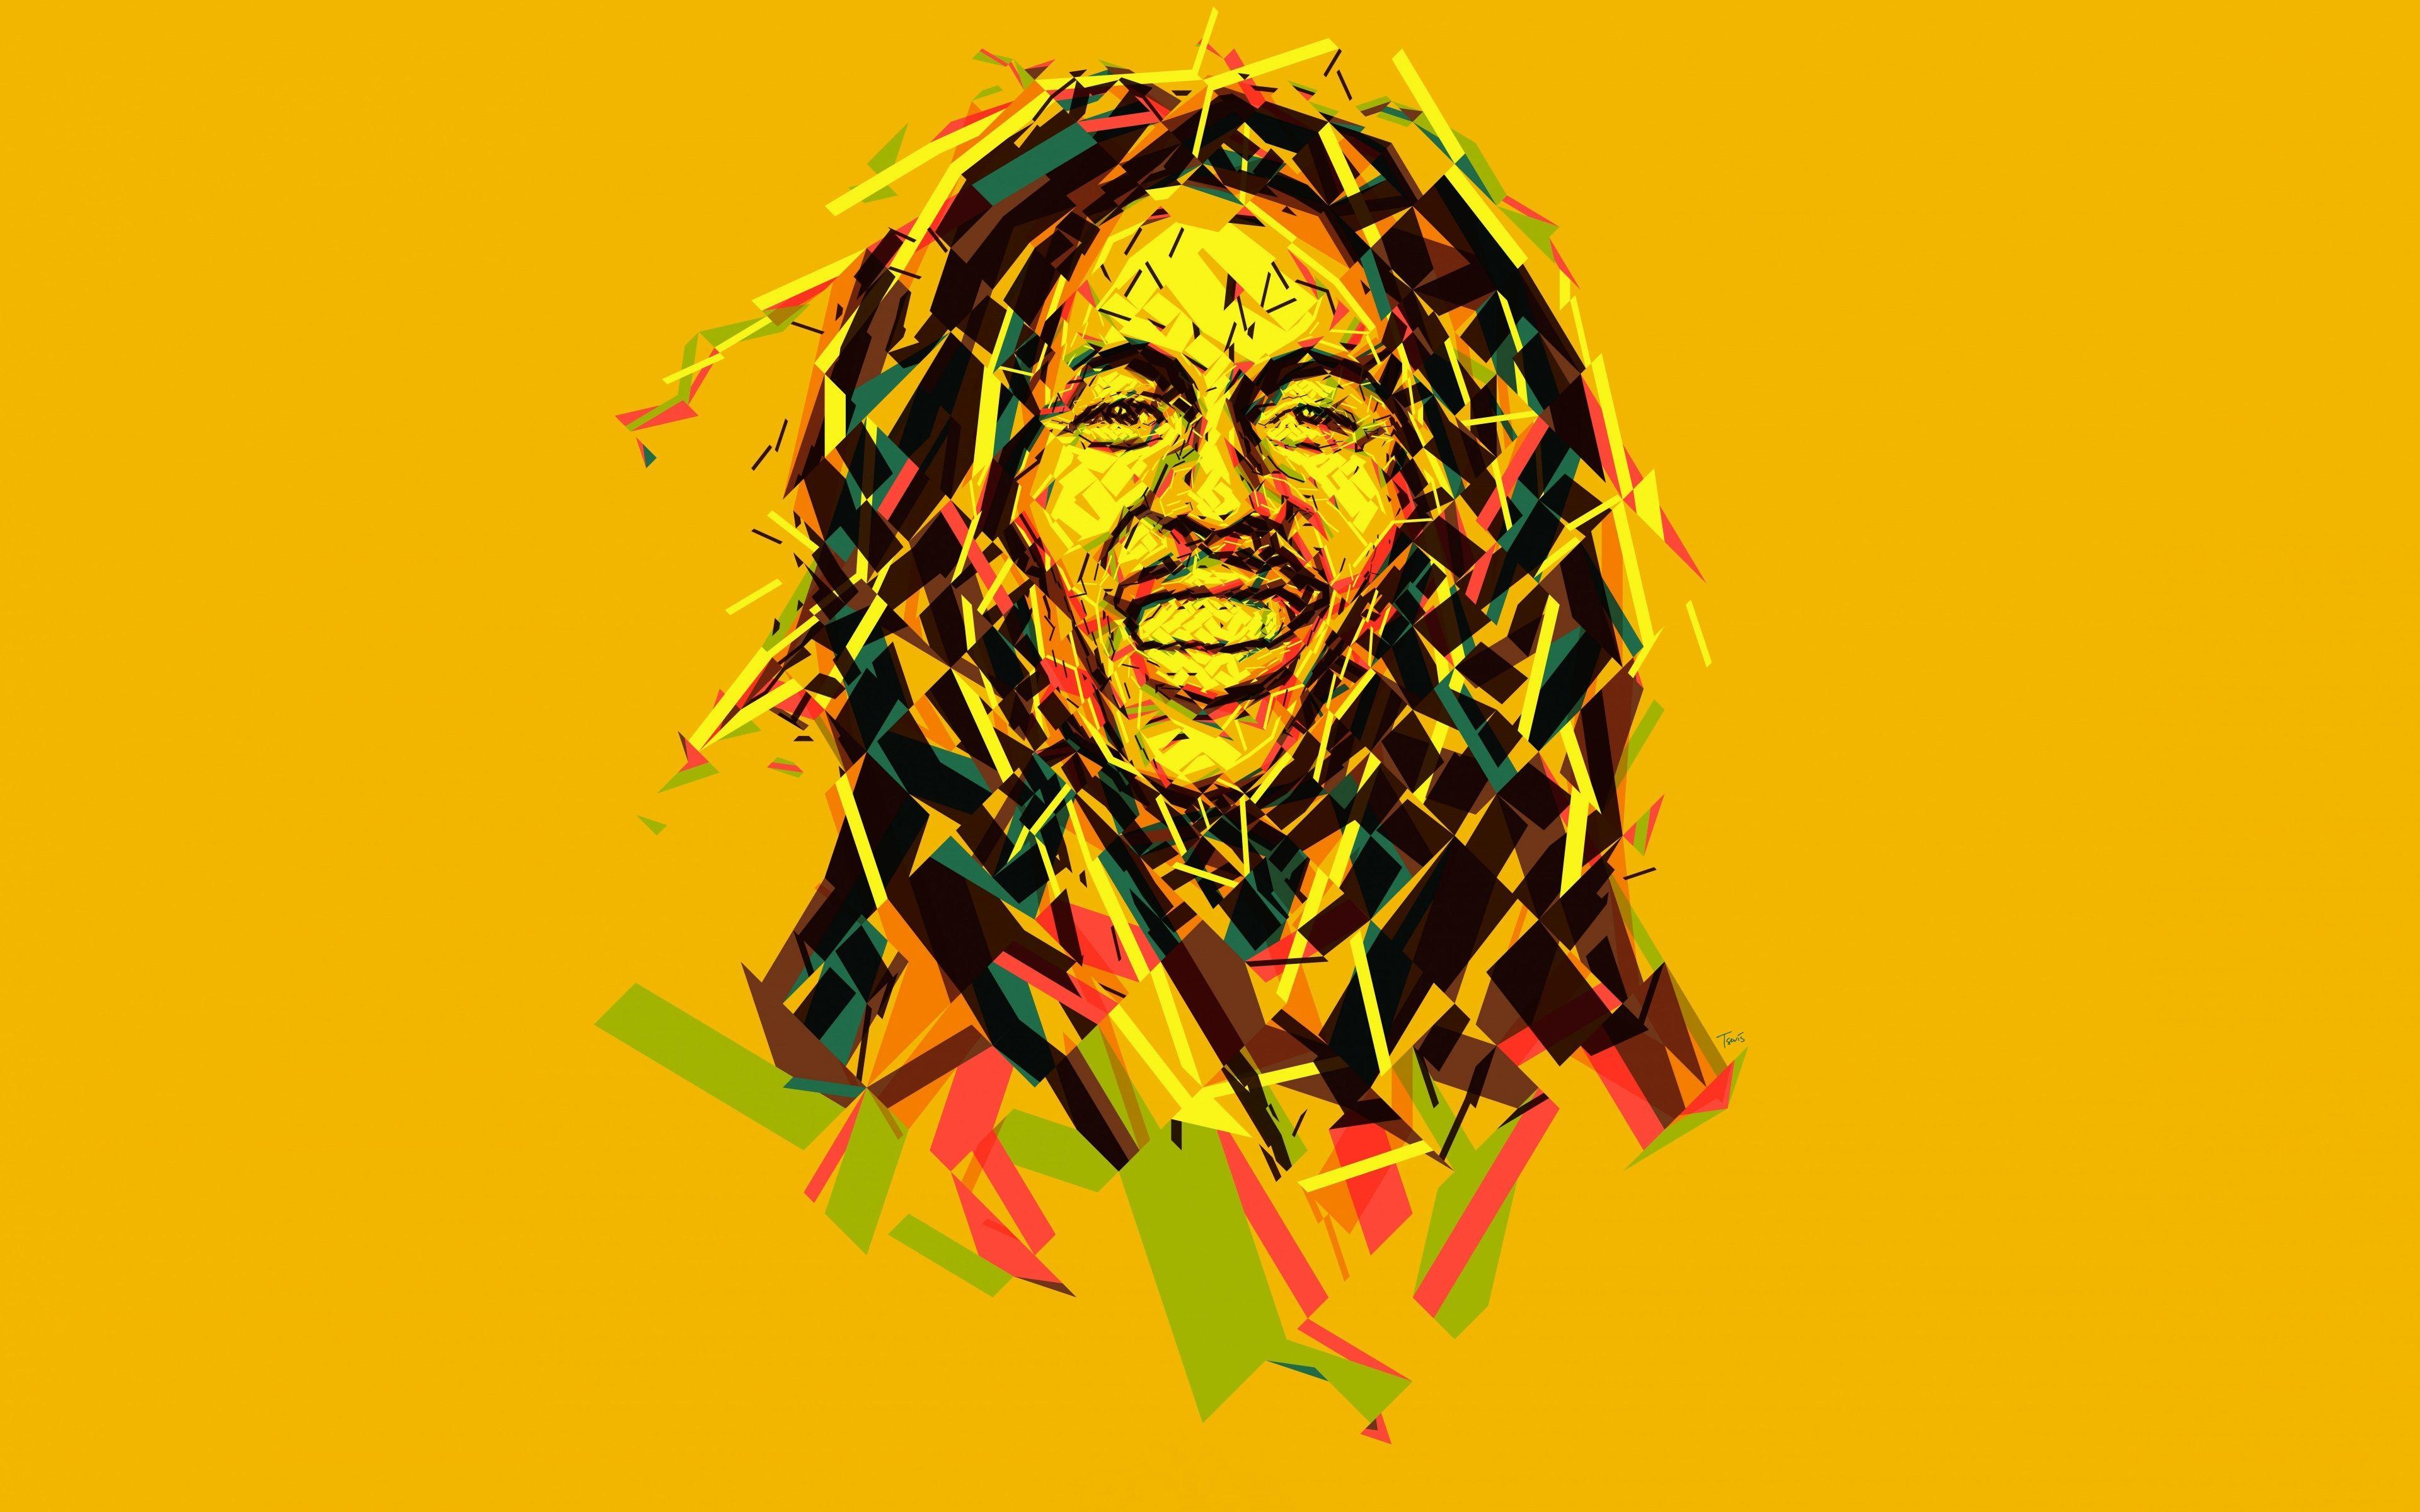 3840x2400 Bob Marley 4k Hi Def Wallpapers Bob Marley Art Bob Marley Colors Bob Marley Painting